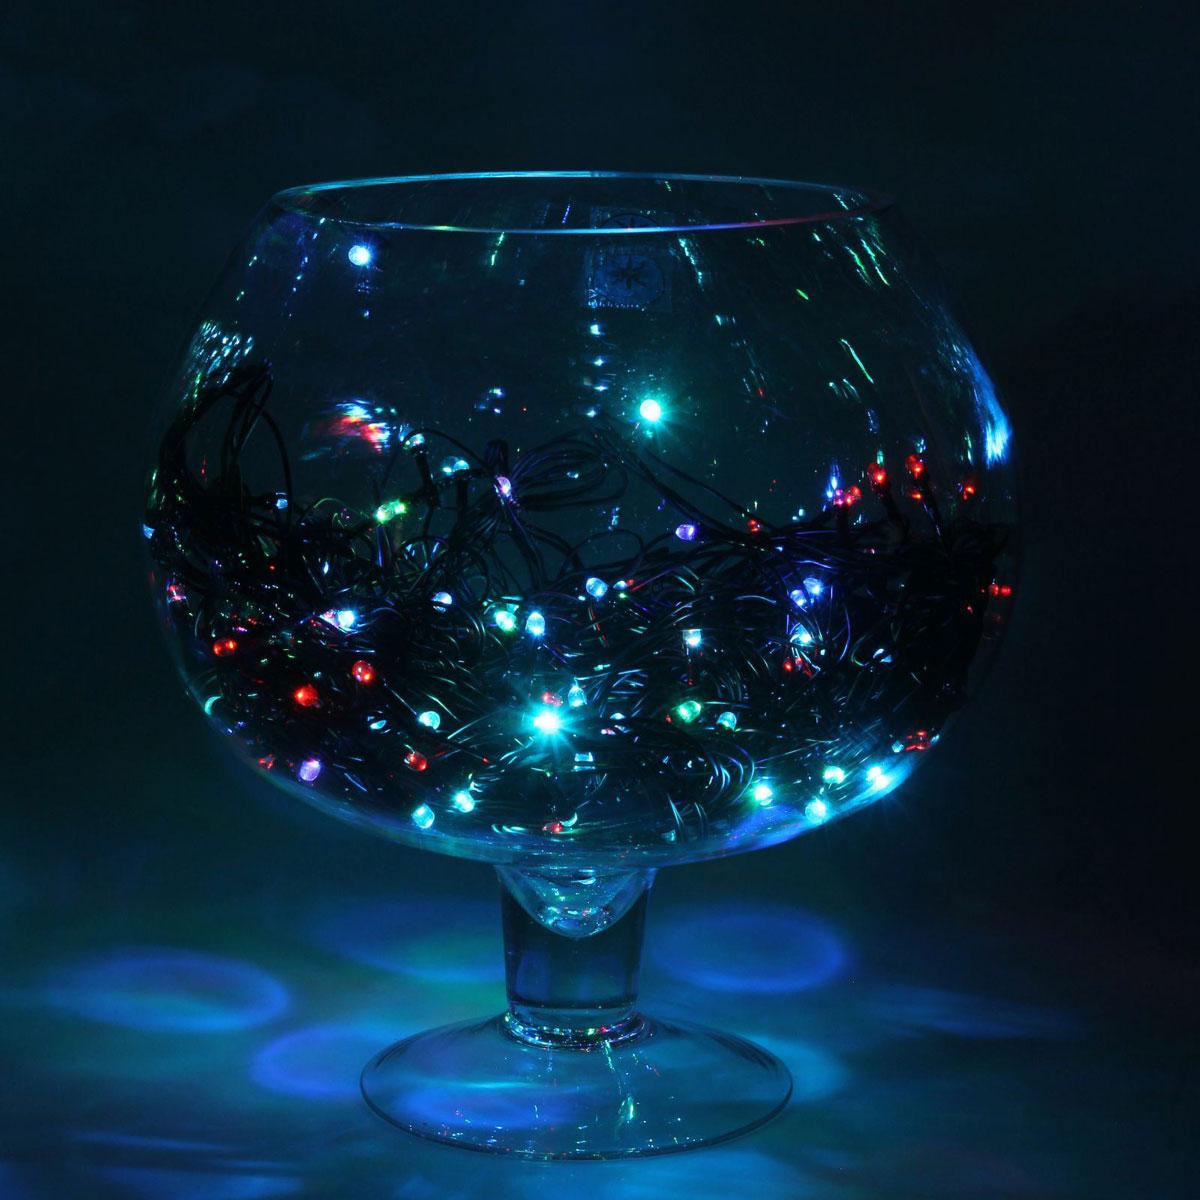 Гирлянда светодиодная Luazon Метраж, 200 ламп, 220 V, длина 20 м. 10803601080360Светодиодные гирлянды и ленты — это отличный вариант для новогоднего оформления интерьера или фасада. С их помощью помещение любого размера можно превратить в праздничный зал, а внешние элементы зданий, украшенные ими, мгновенно станут напоминать очертания сказочного дворца. Такие украшения создают ауру предвкушения чуда. Деревья, фасады, витрины, окна и арки будто специально созданы, чтобы вы украсили их светящимися нитями.